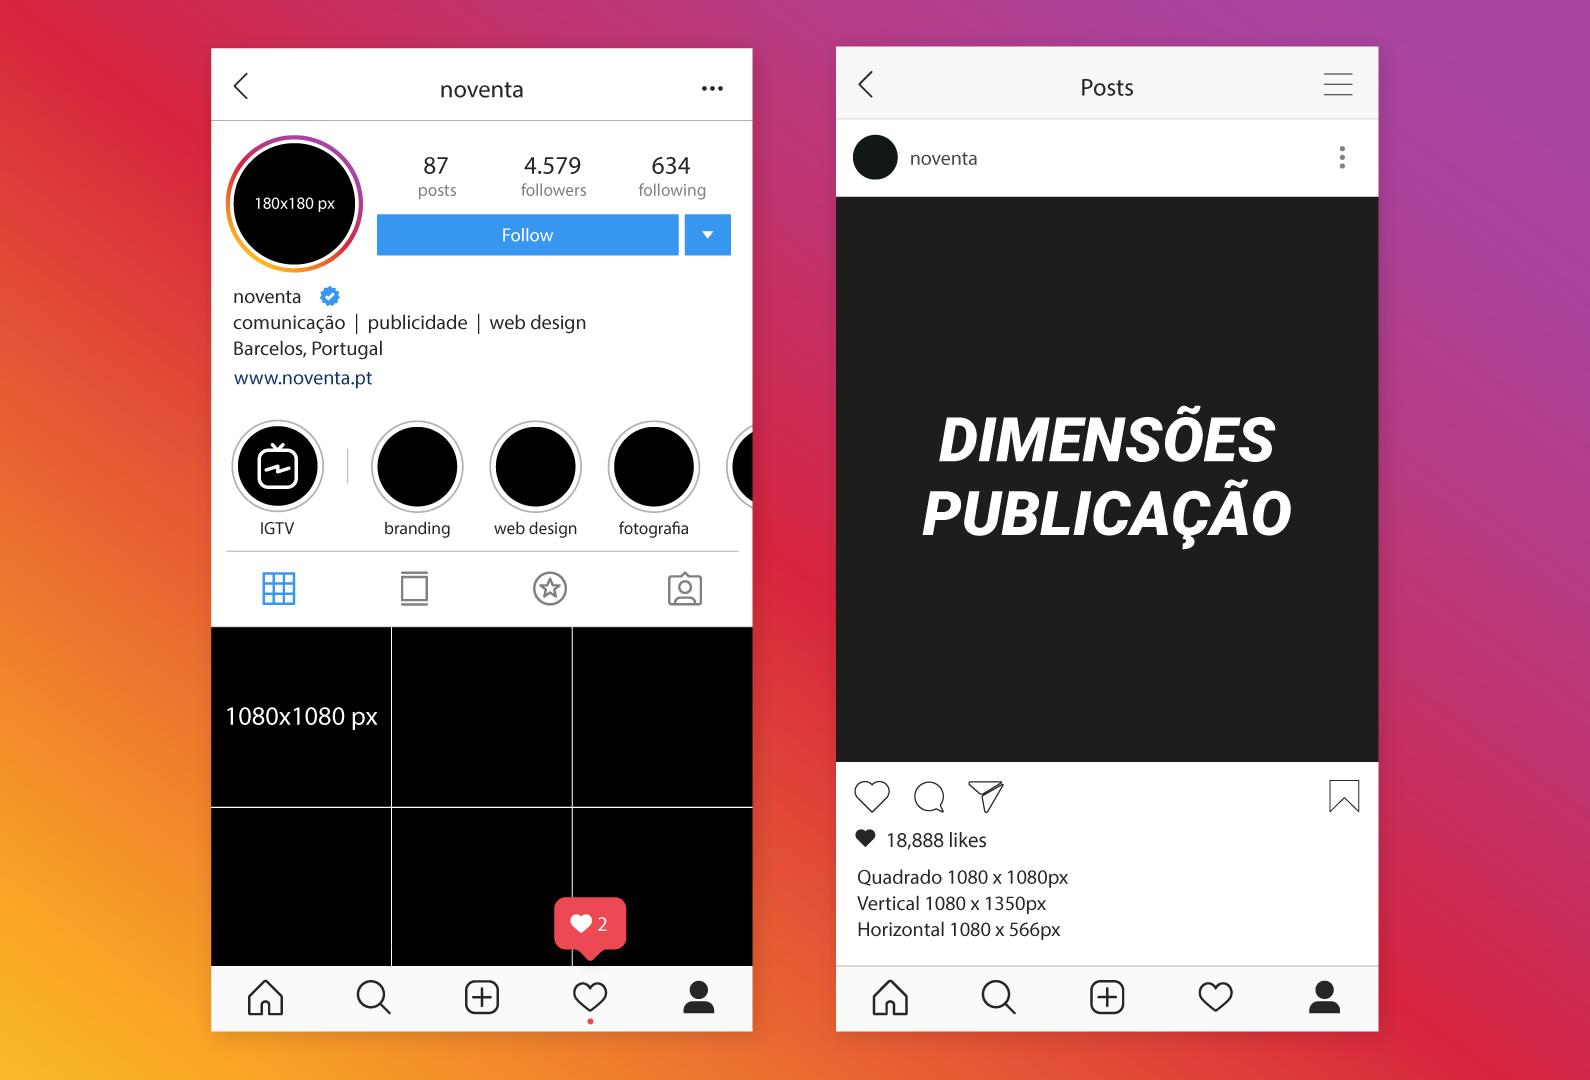 noventa-redes-sociais-dimesão-publicações-instagram